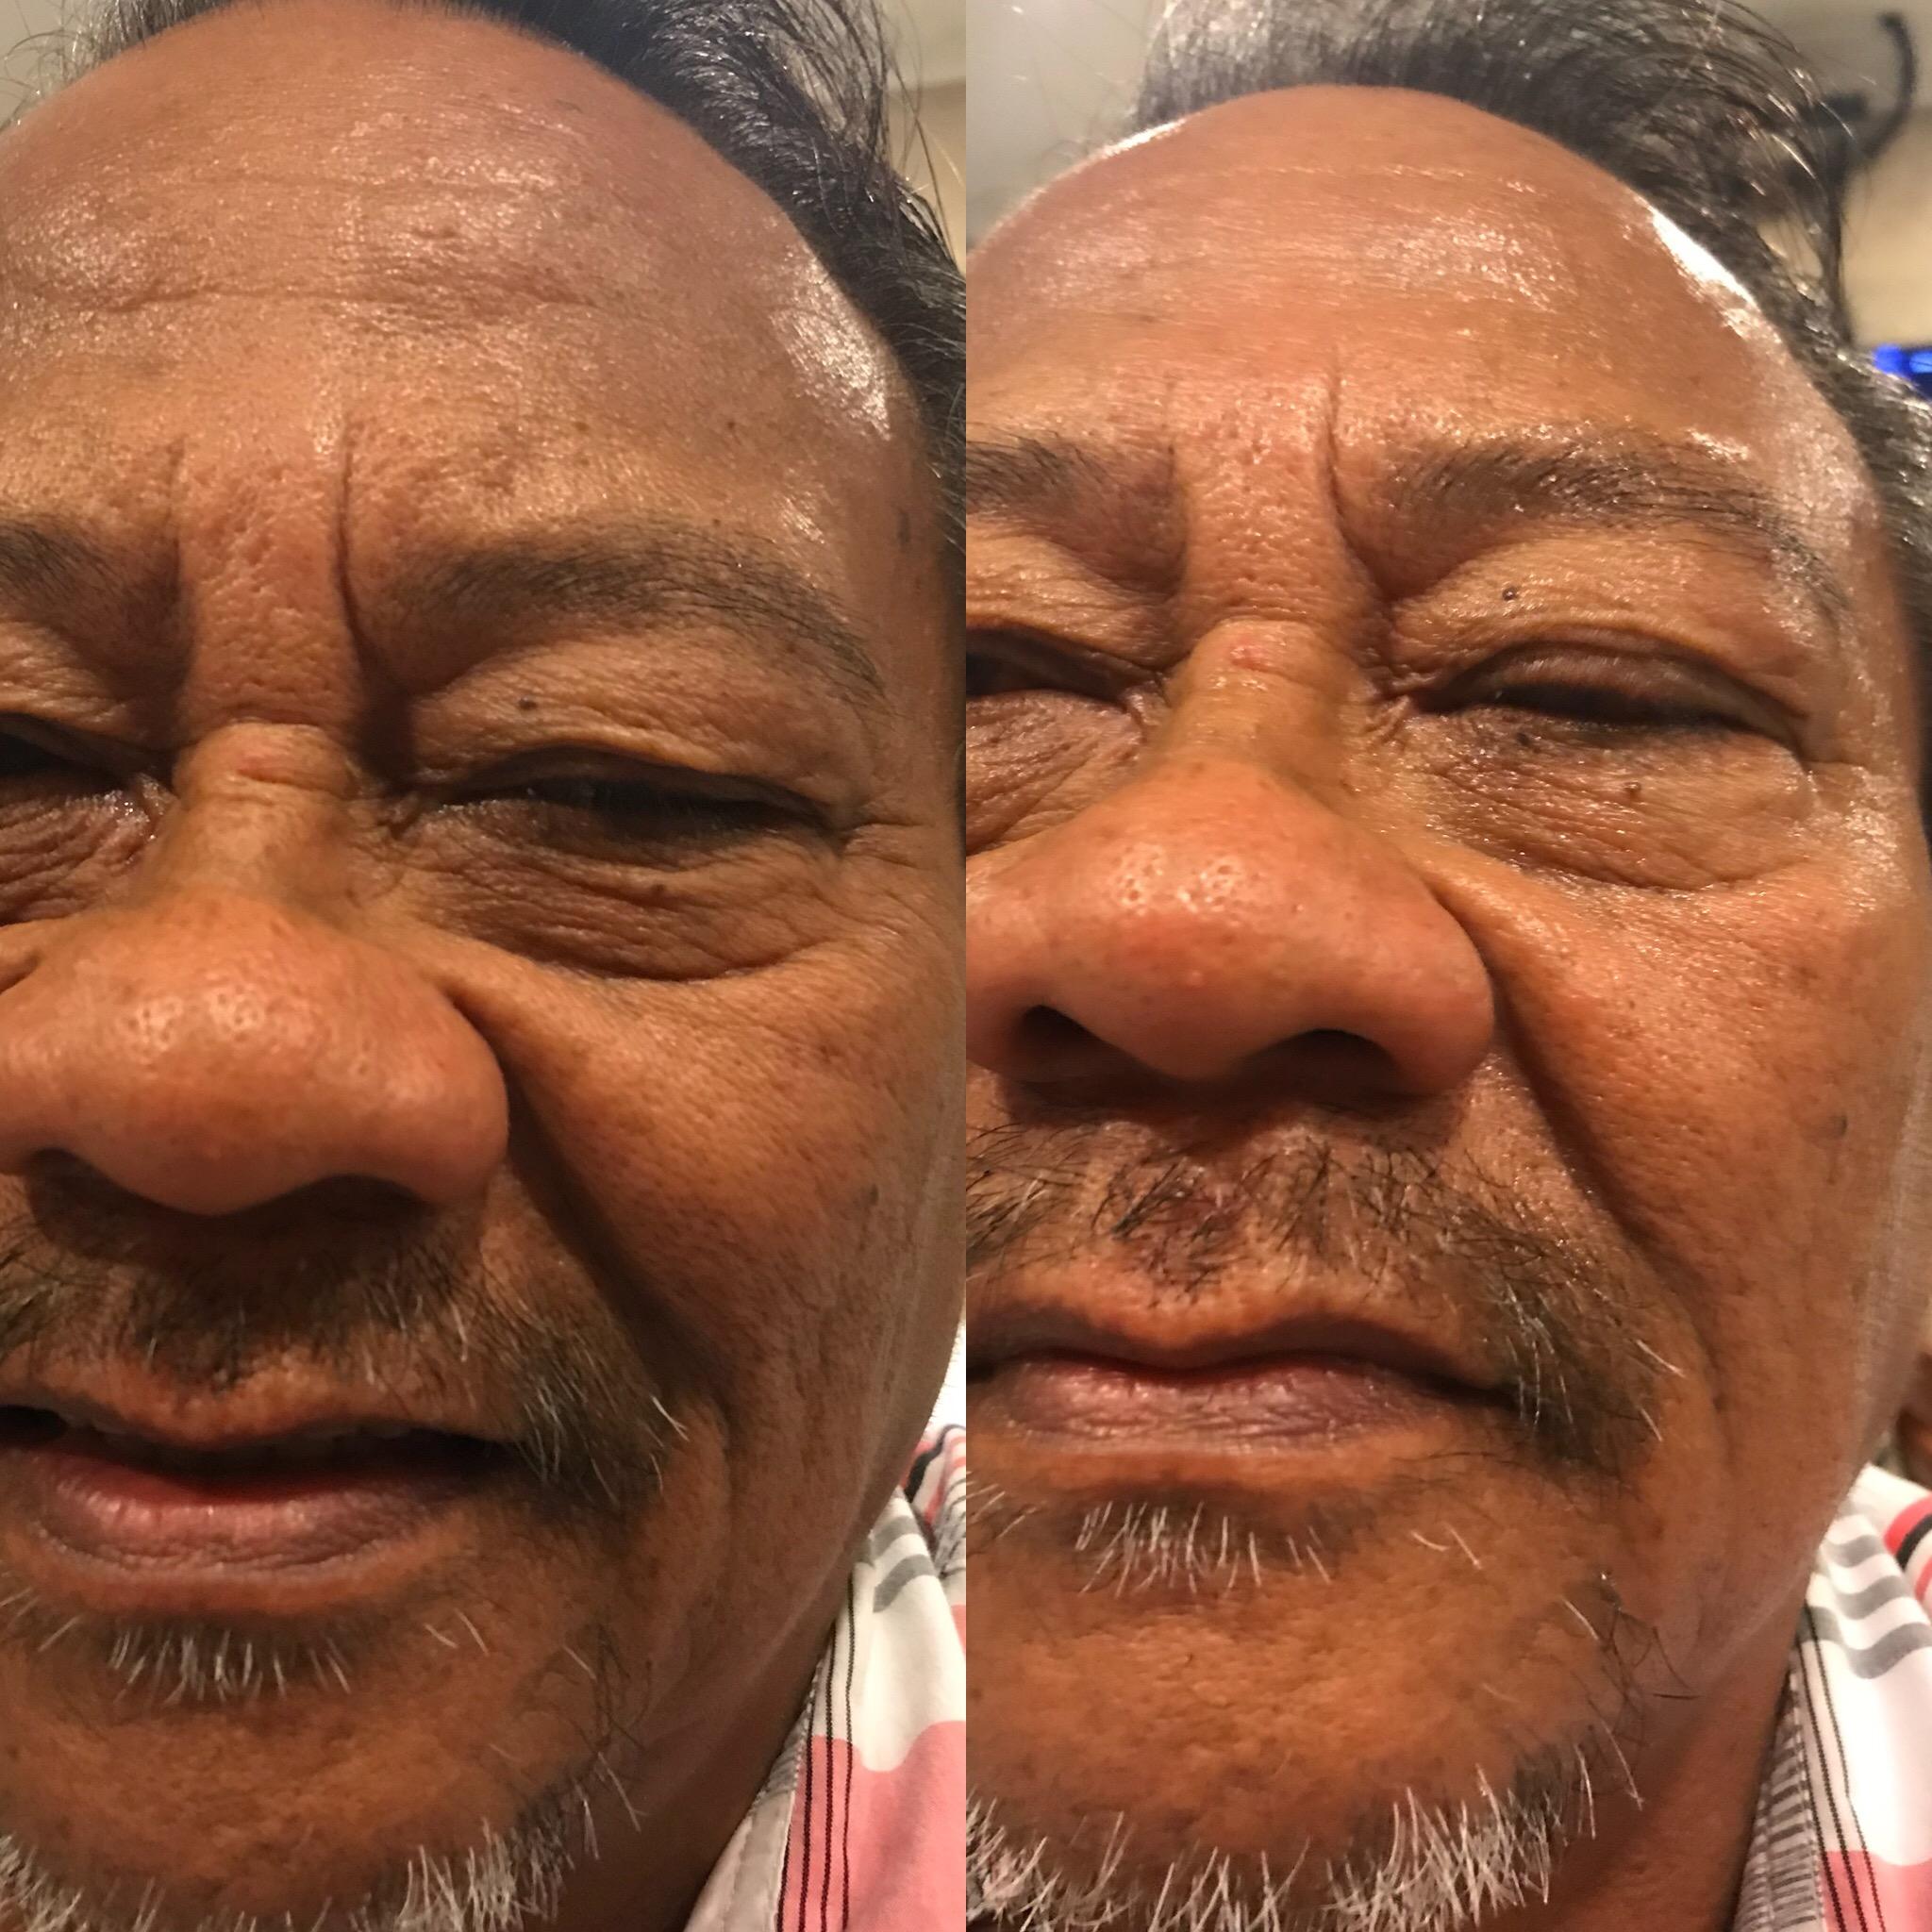 Swisderm Sagging Skin Testimonials